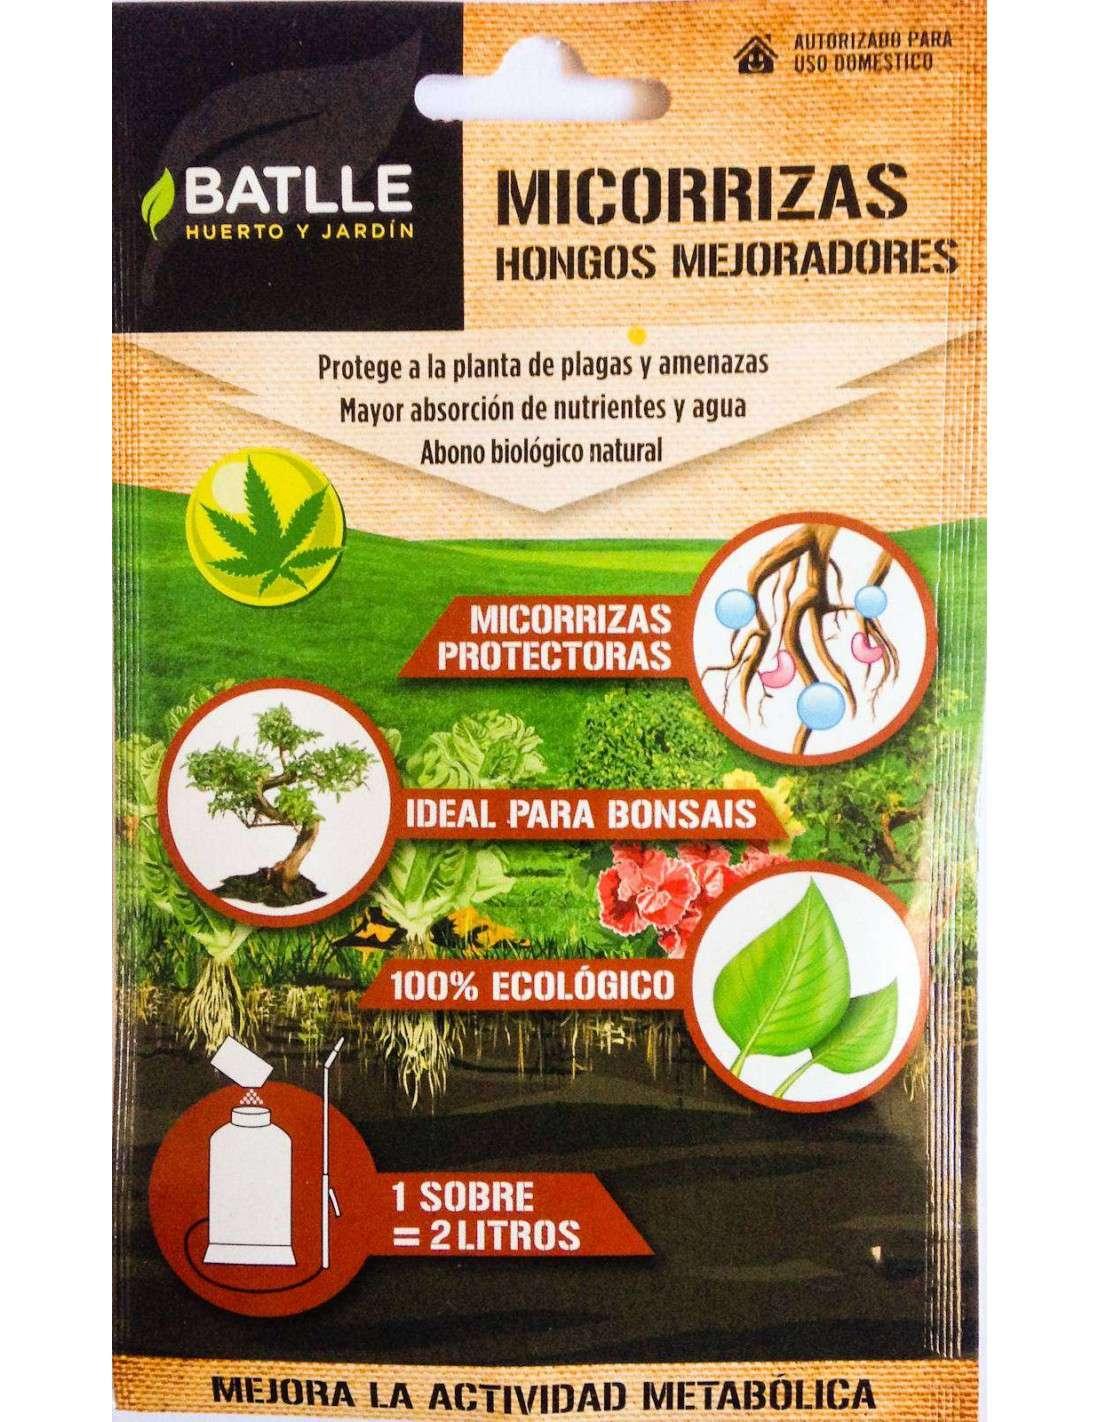 Micorrizas hongos mejoradores cocopot huerto y jard n for Hongos en las plantas de jardin